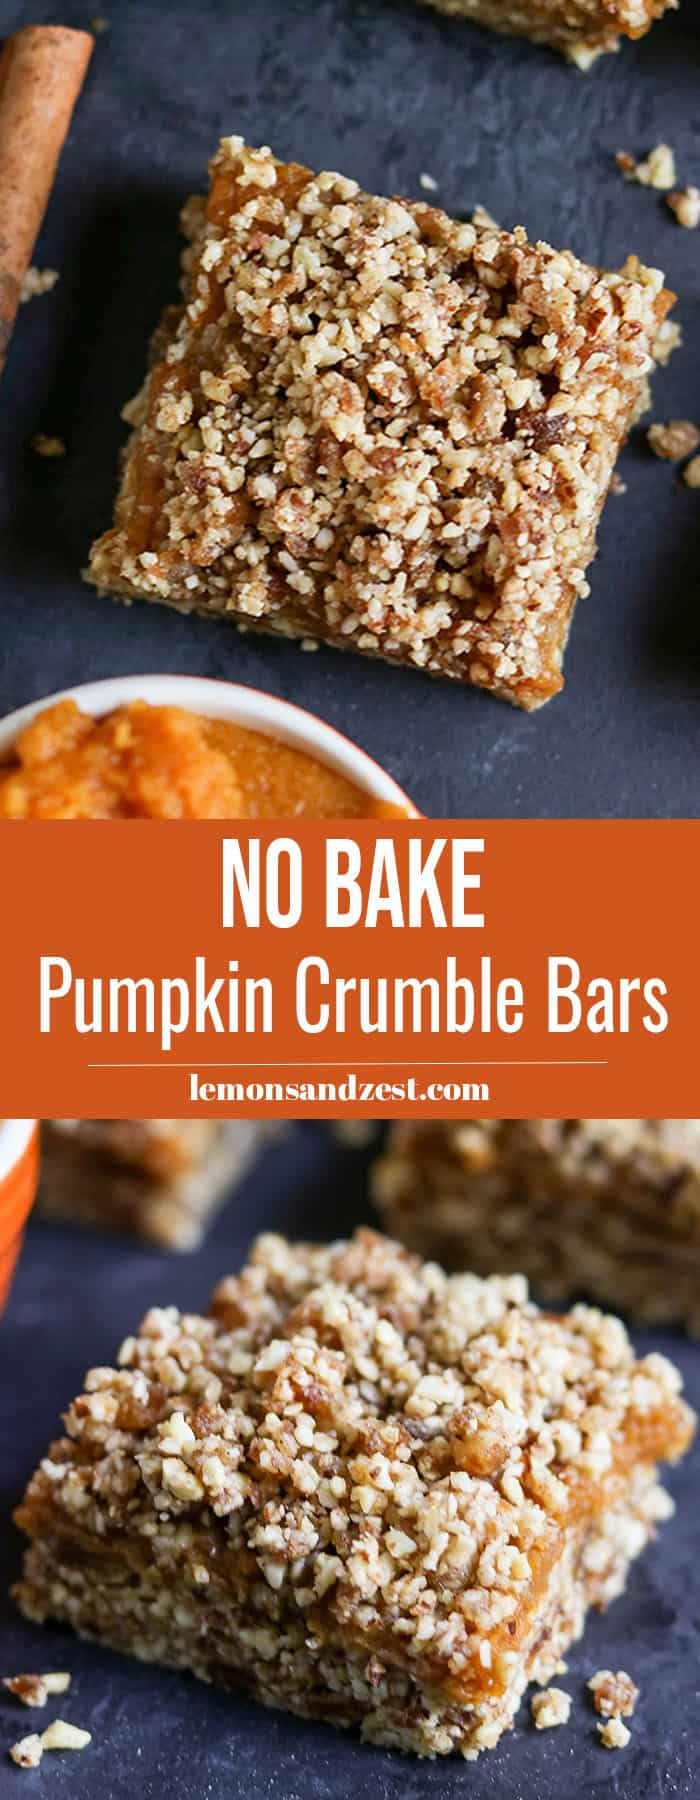 No Bake Pumpkin Crumble Bars Pin.